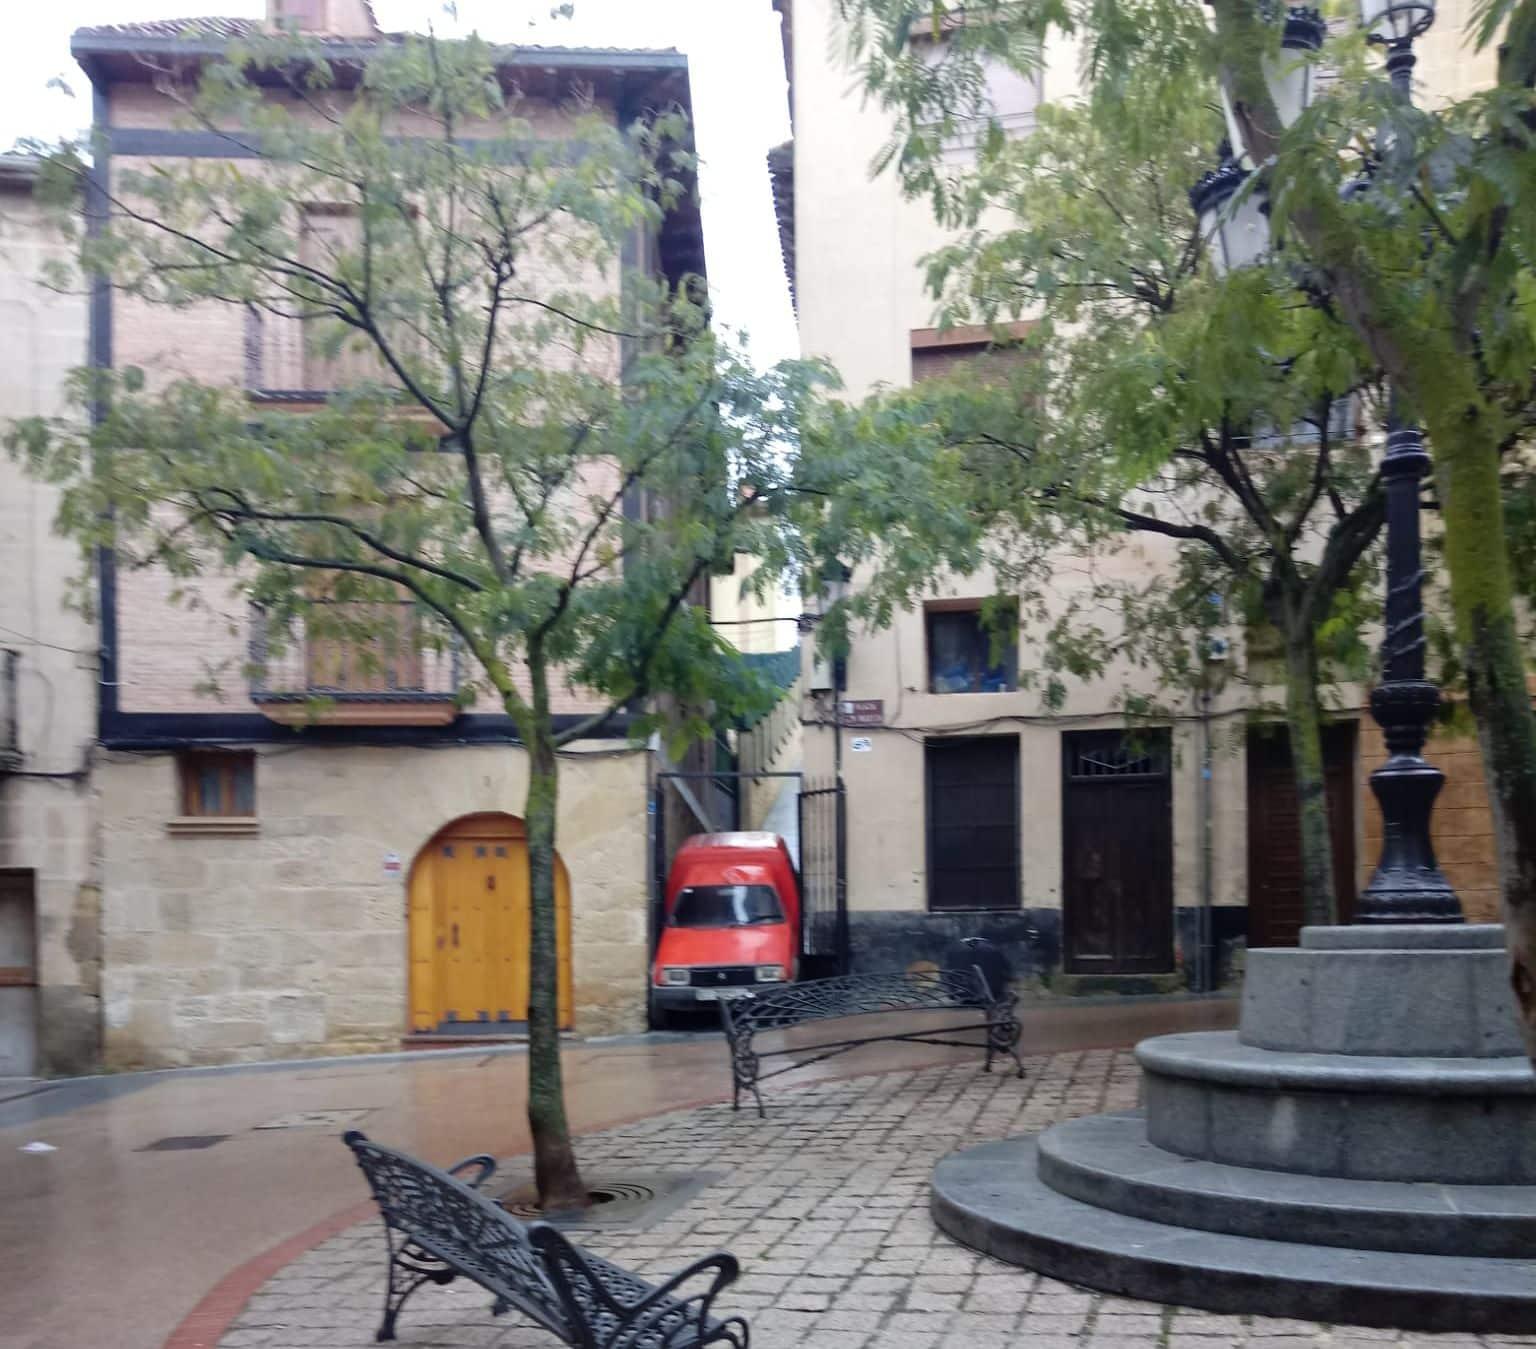 Una furgoneta acaba encajonada entre dos edificios de la plaza San Martín de Haro - Haro Digital